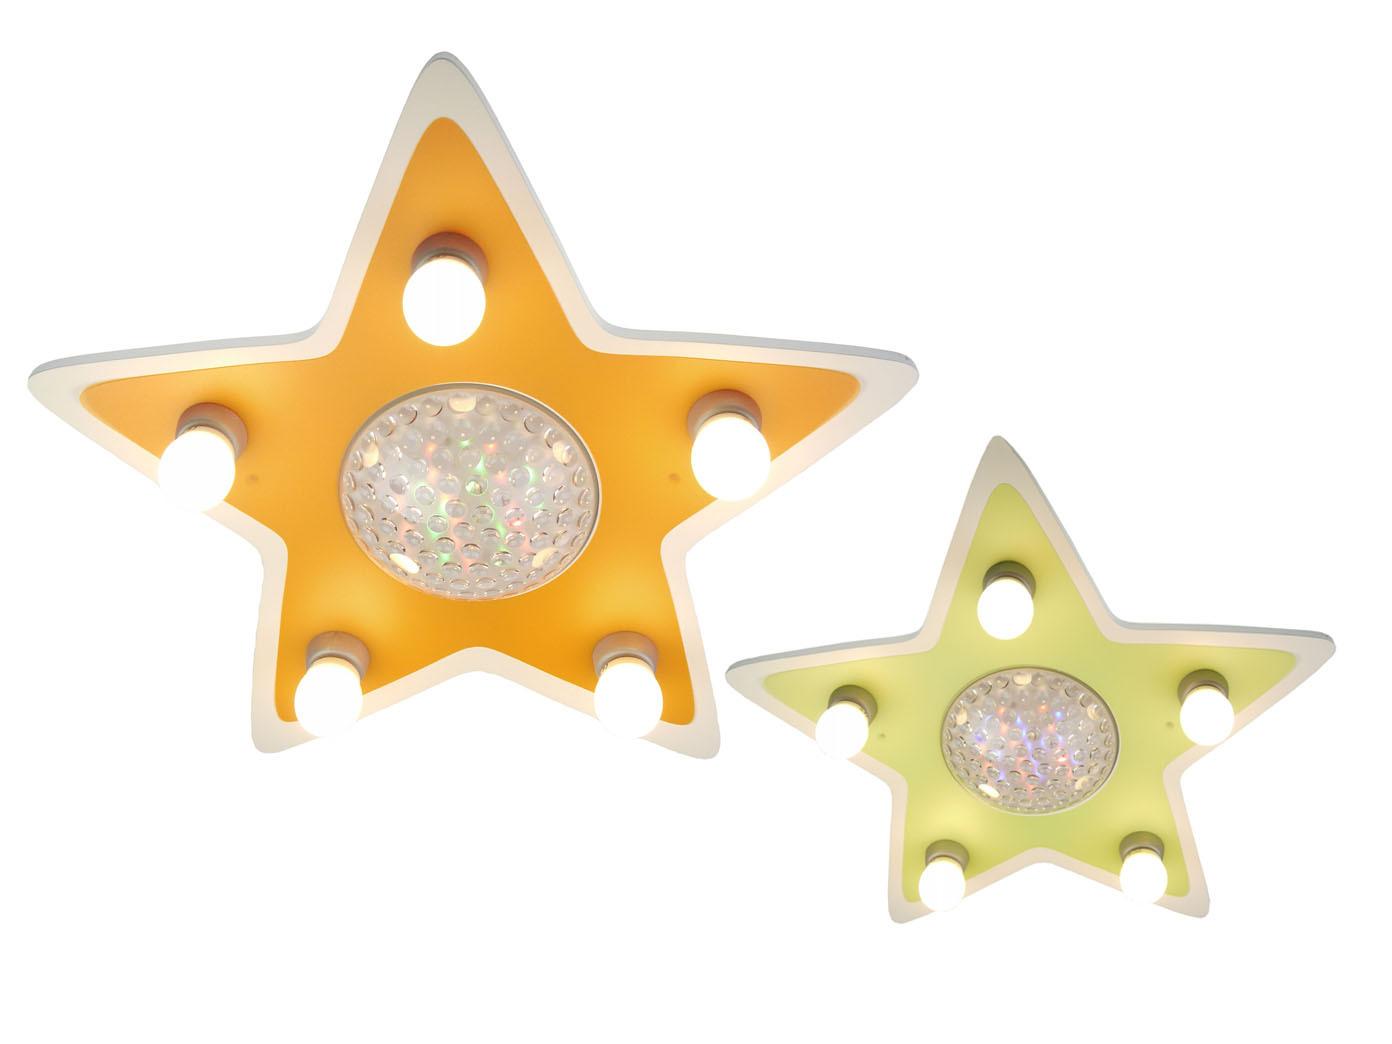 kinder deckenleuchte stern lampe kinderzimmer 4 farben On stern lampe kinderzimmer